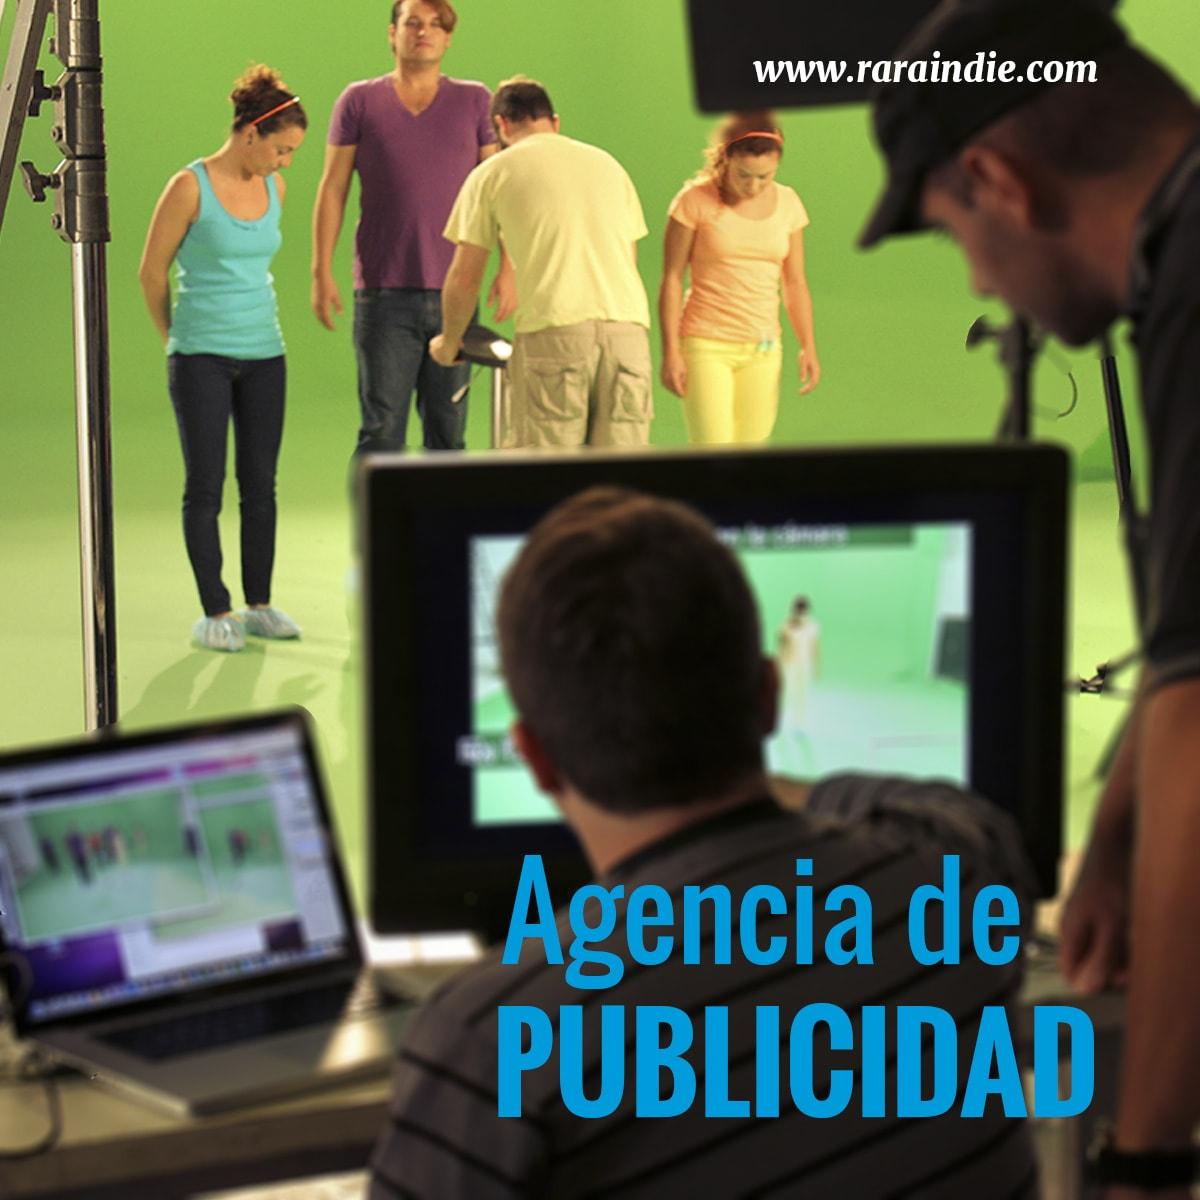 Agencia de publicidad destacada rara indie agencia creativa for Agencia de publicidad